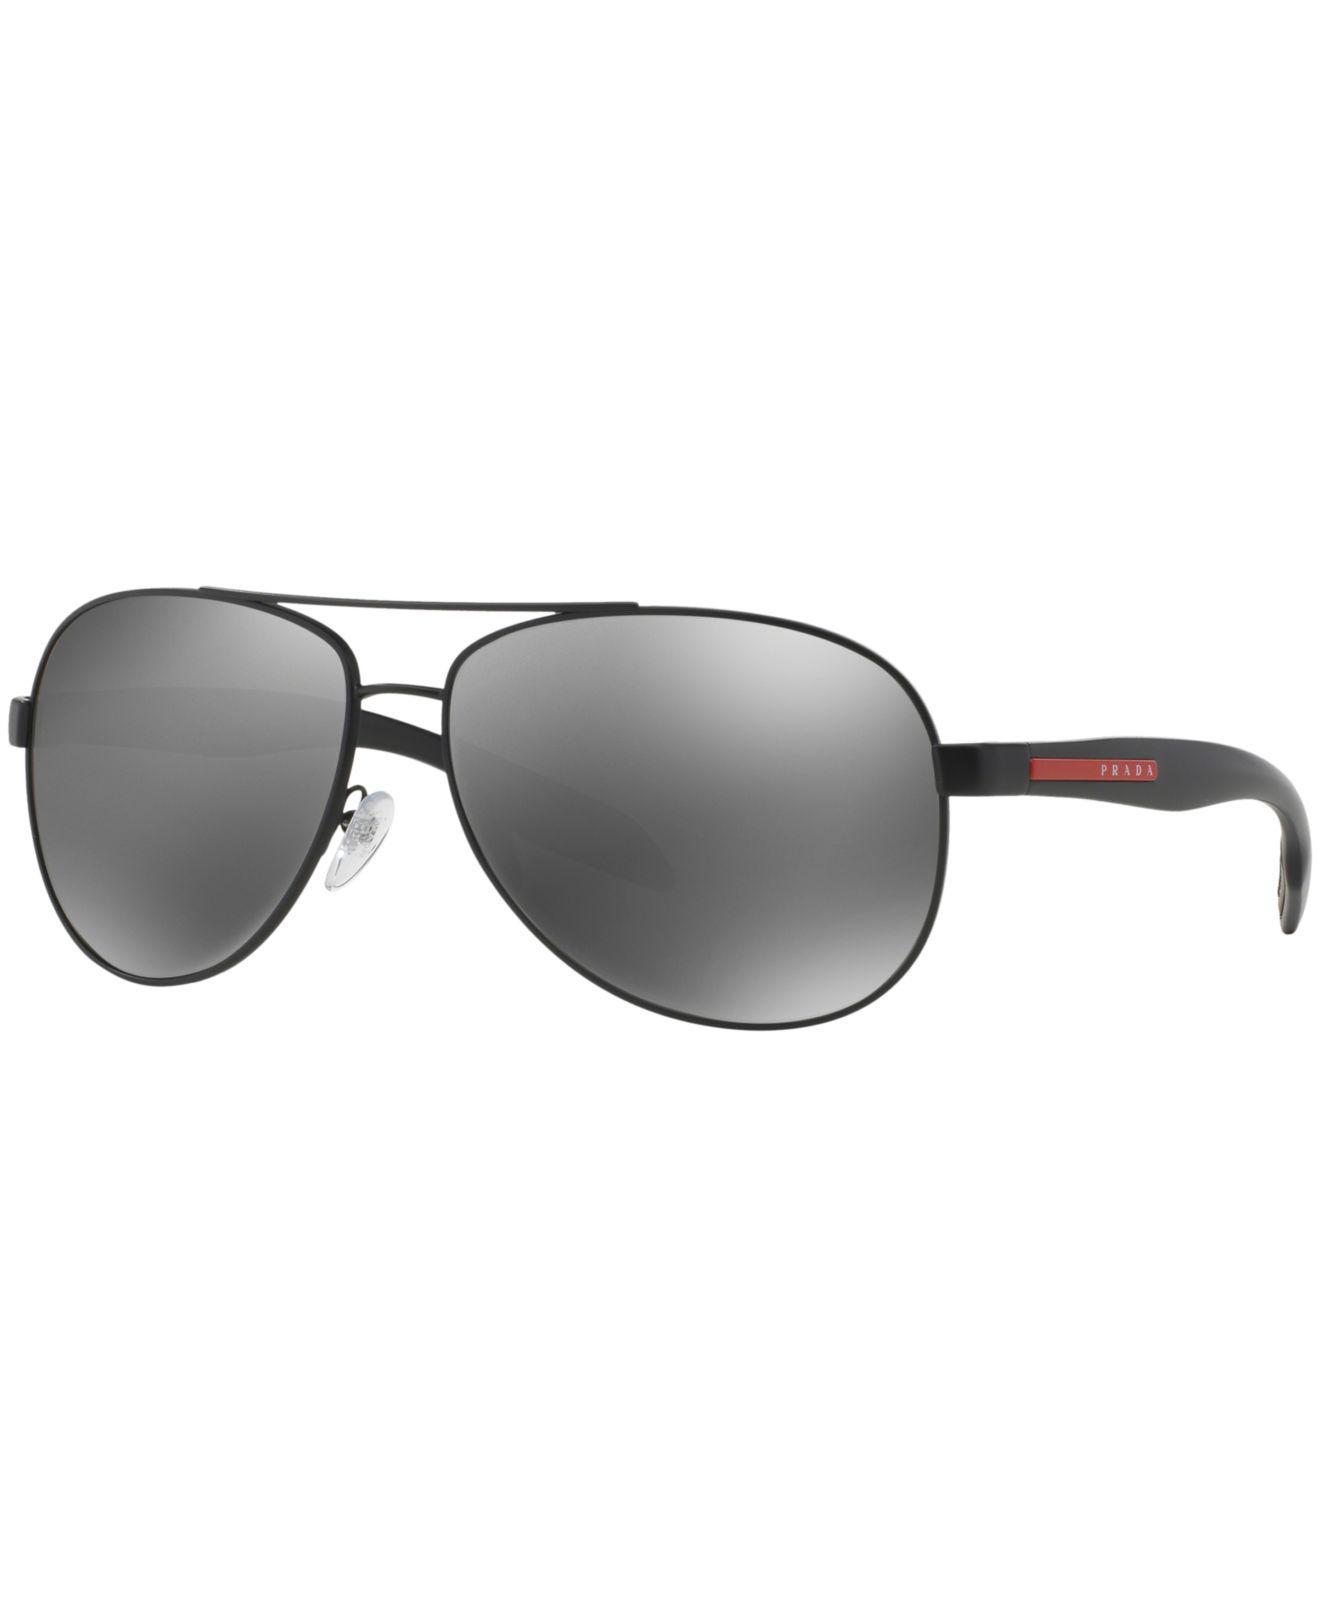 14fd93dc8a Prada - Black Sunglasses